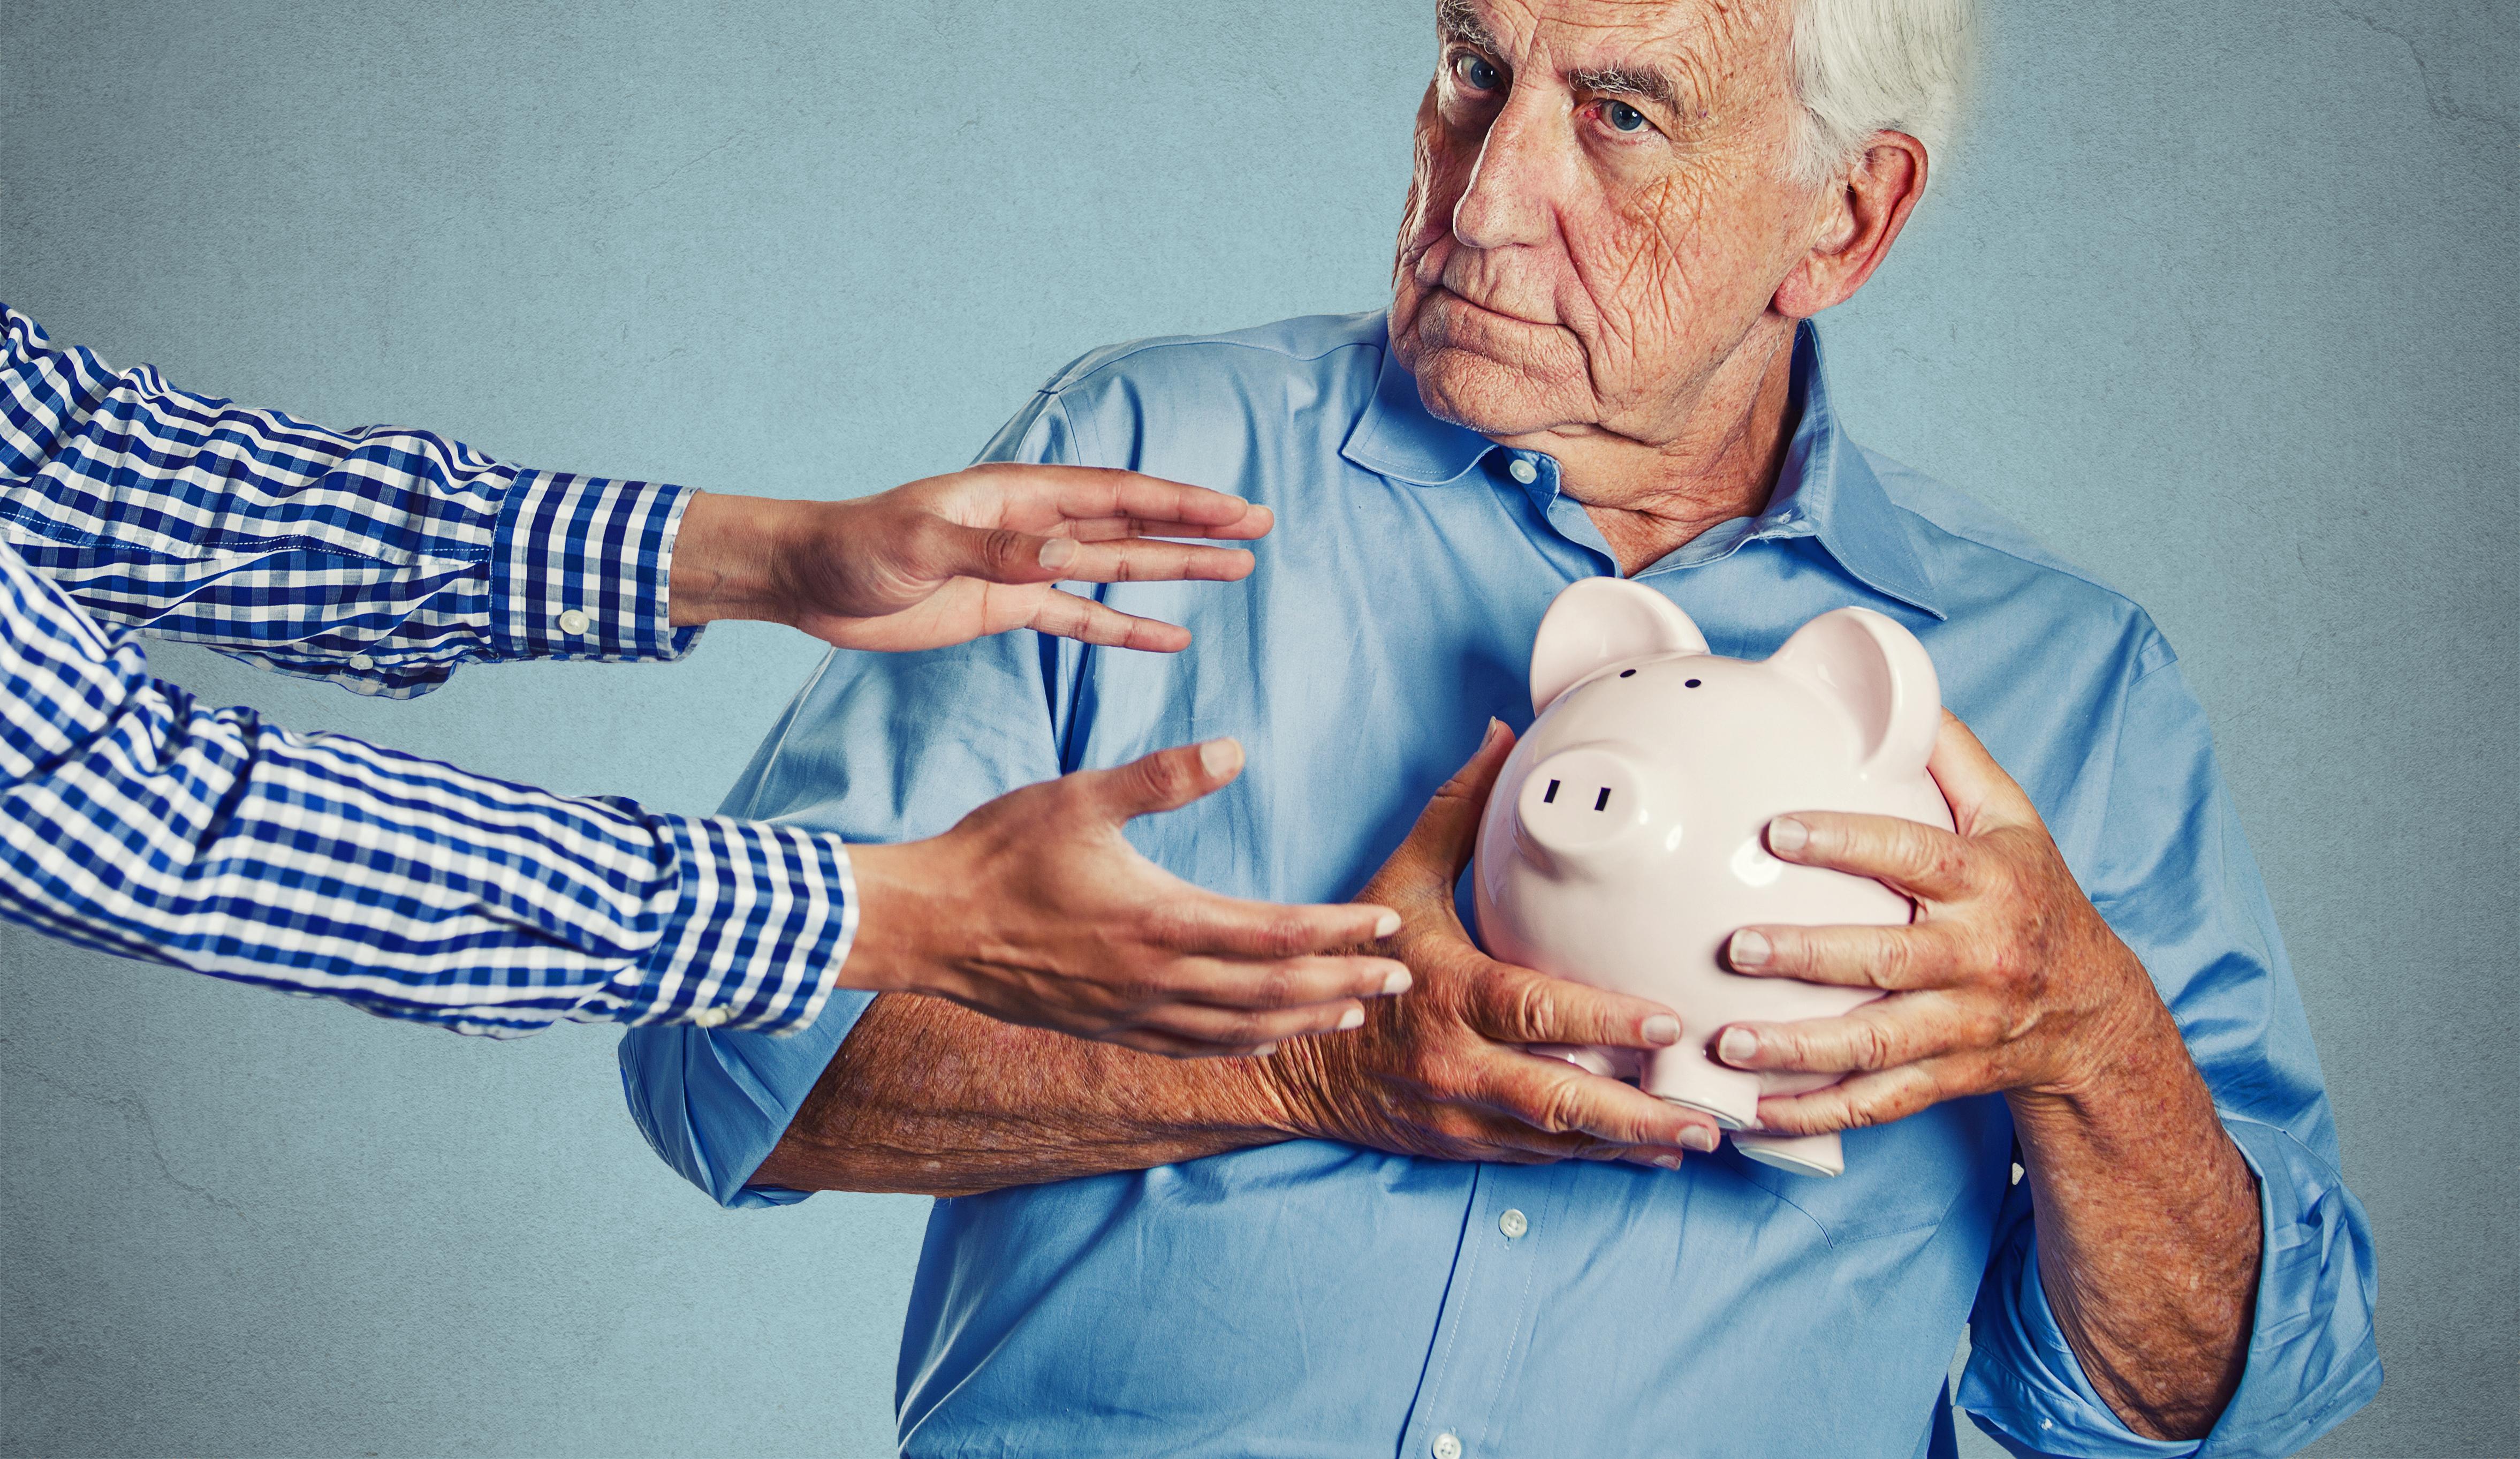 Возврат страховки при досрочном погашении кредита и в период охлаждения: новые правила